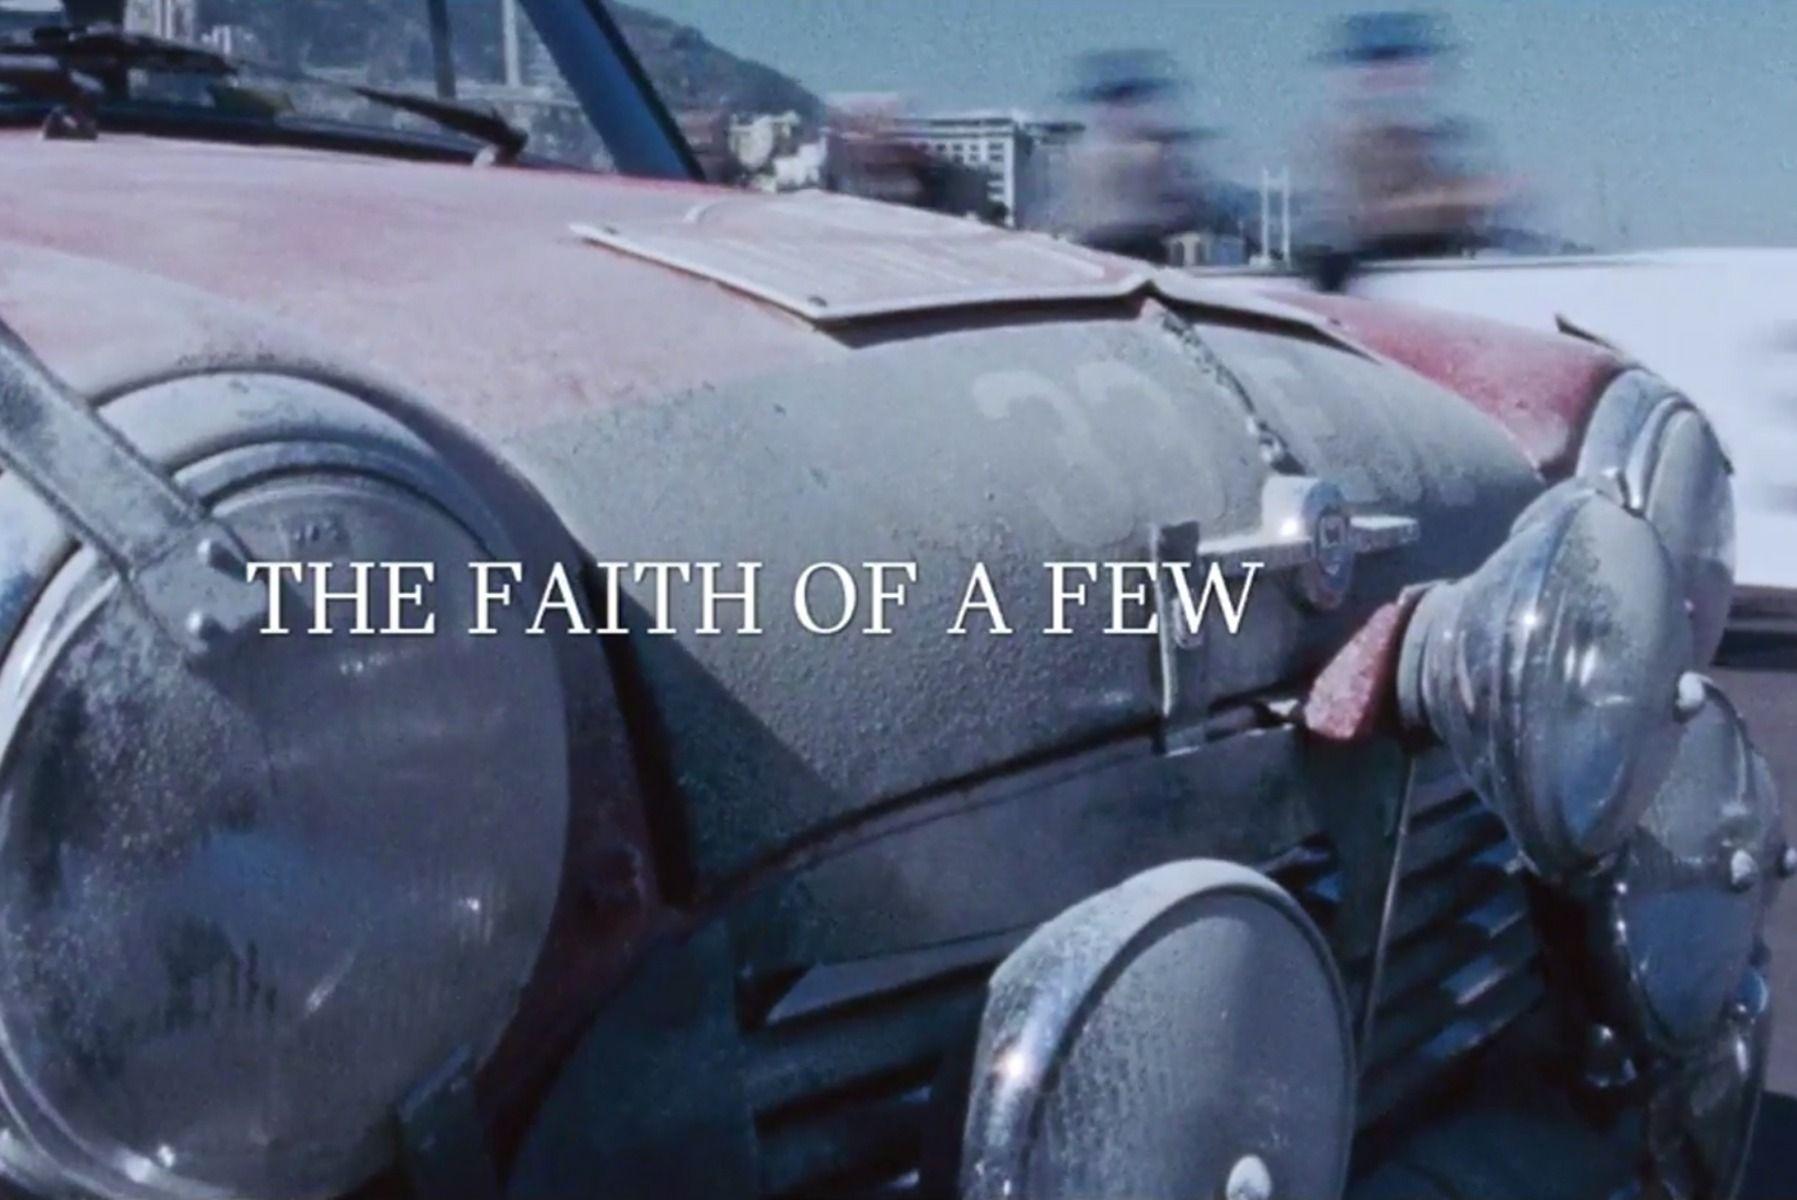 The Faith of a Few